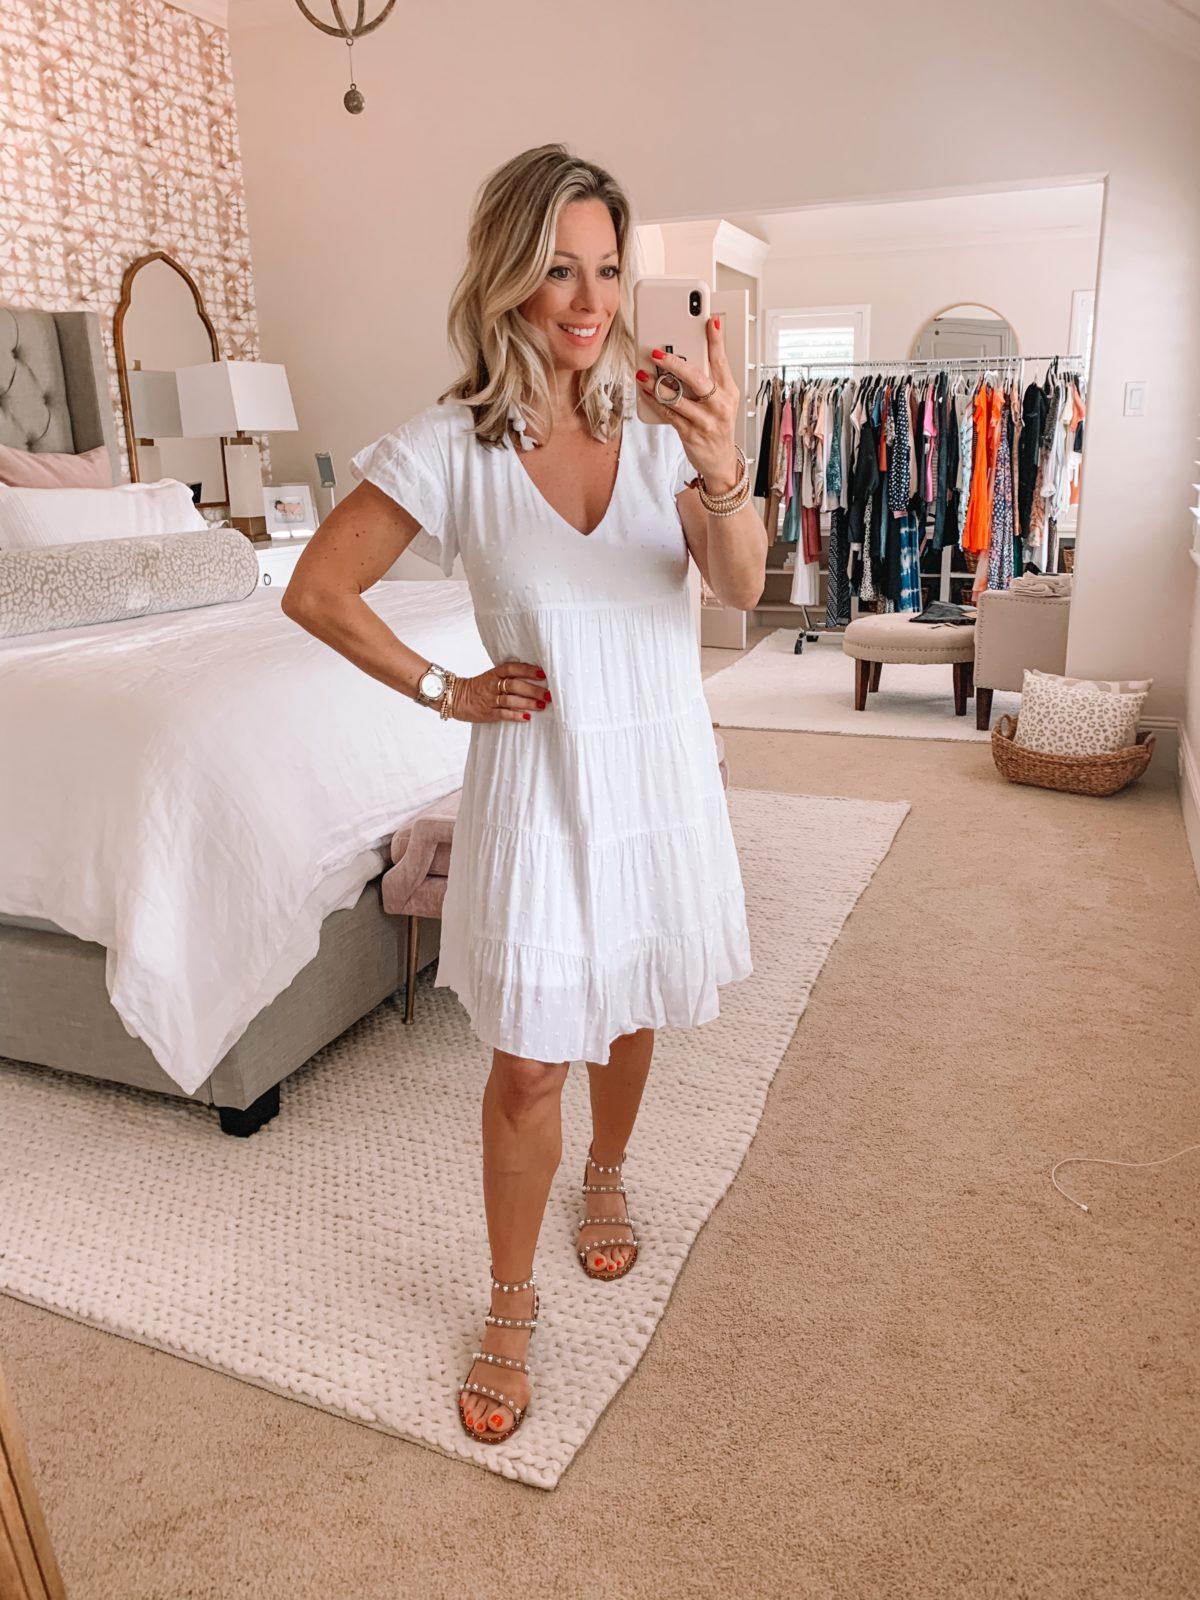 Dressing Room Finds Nordstrom and Target, V-Neck Baby Doll Dress, Studded Sandals